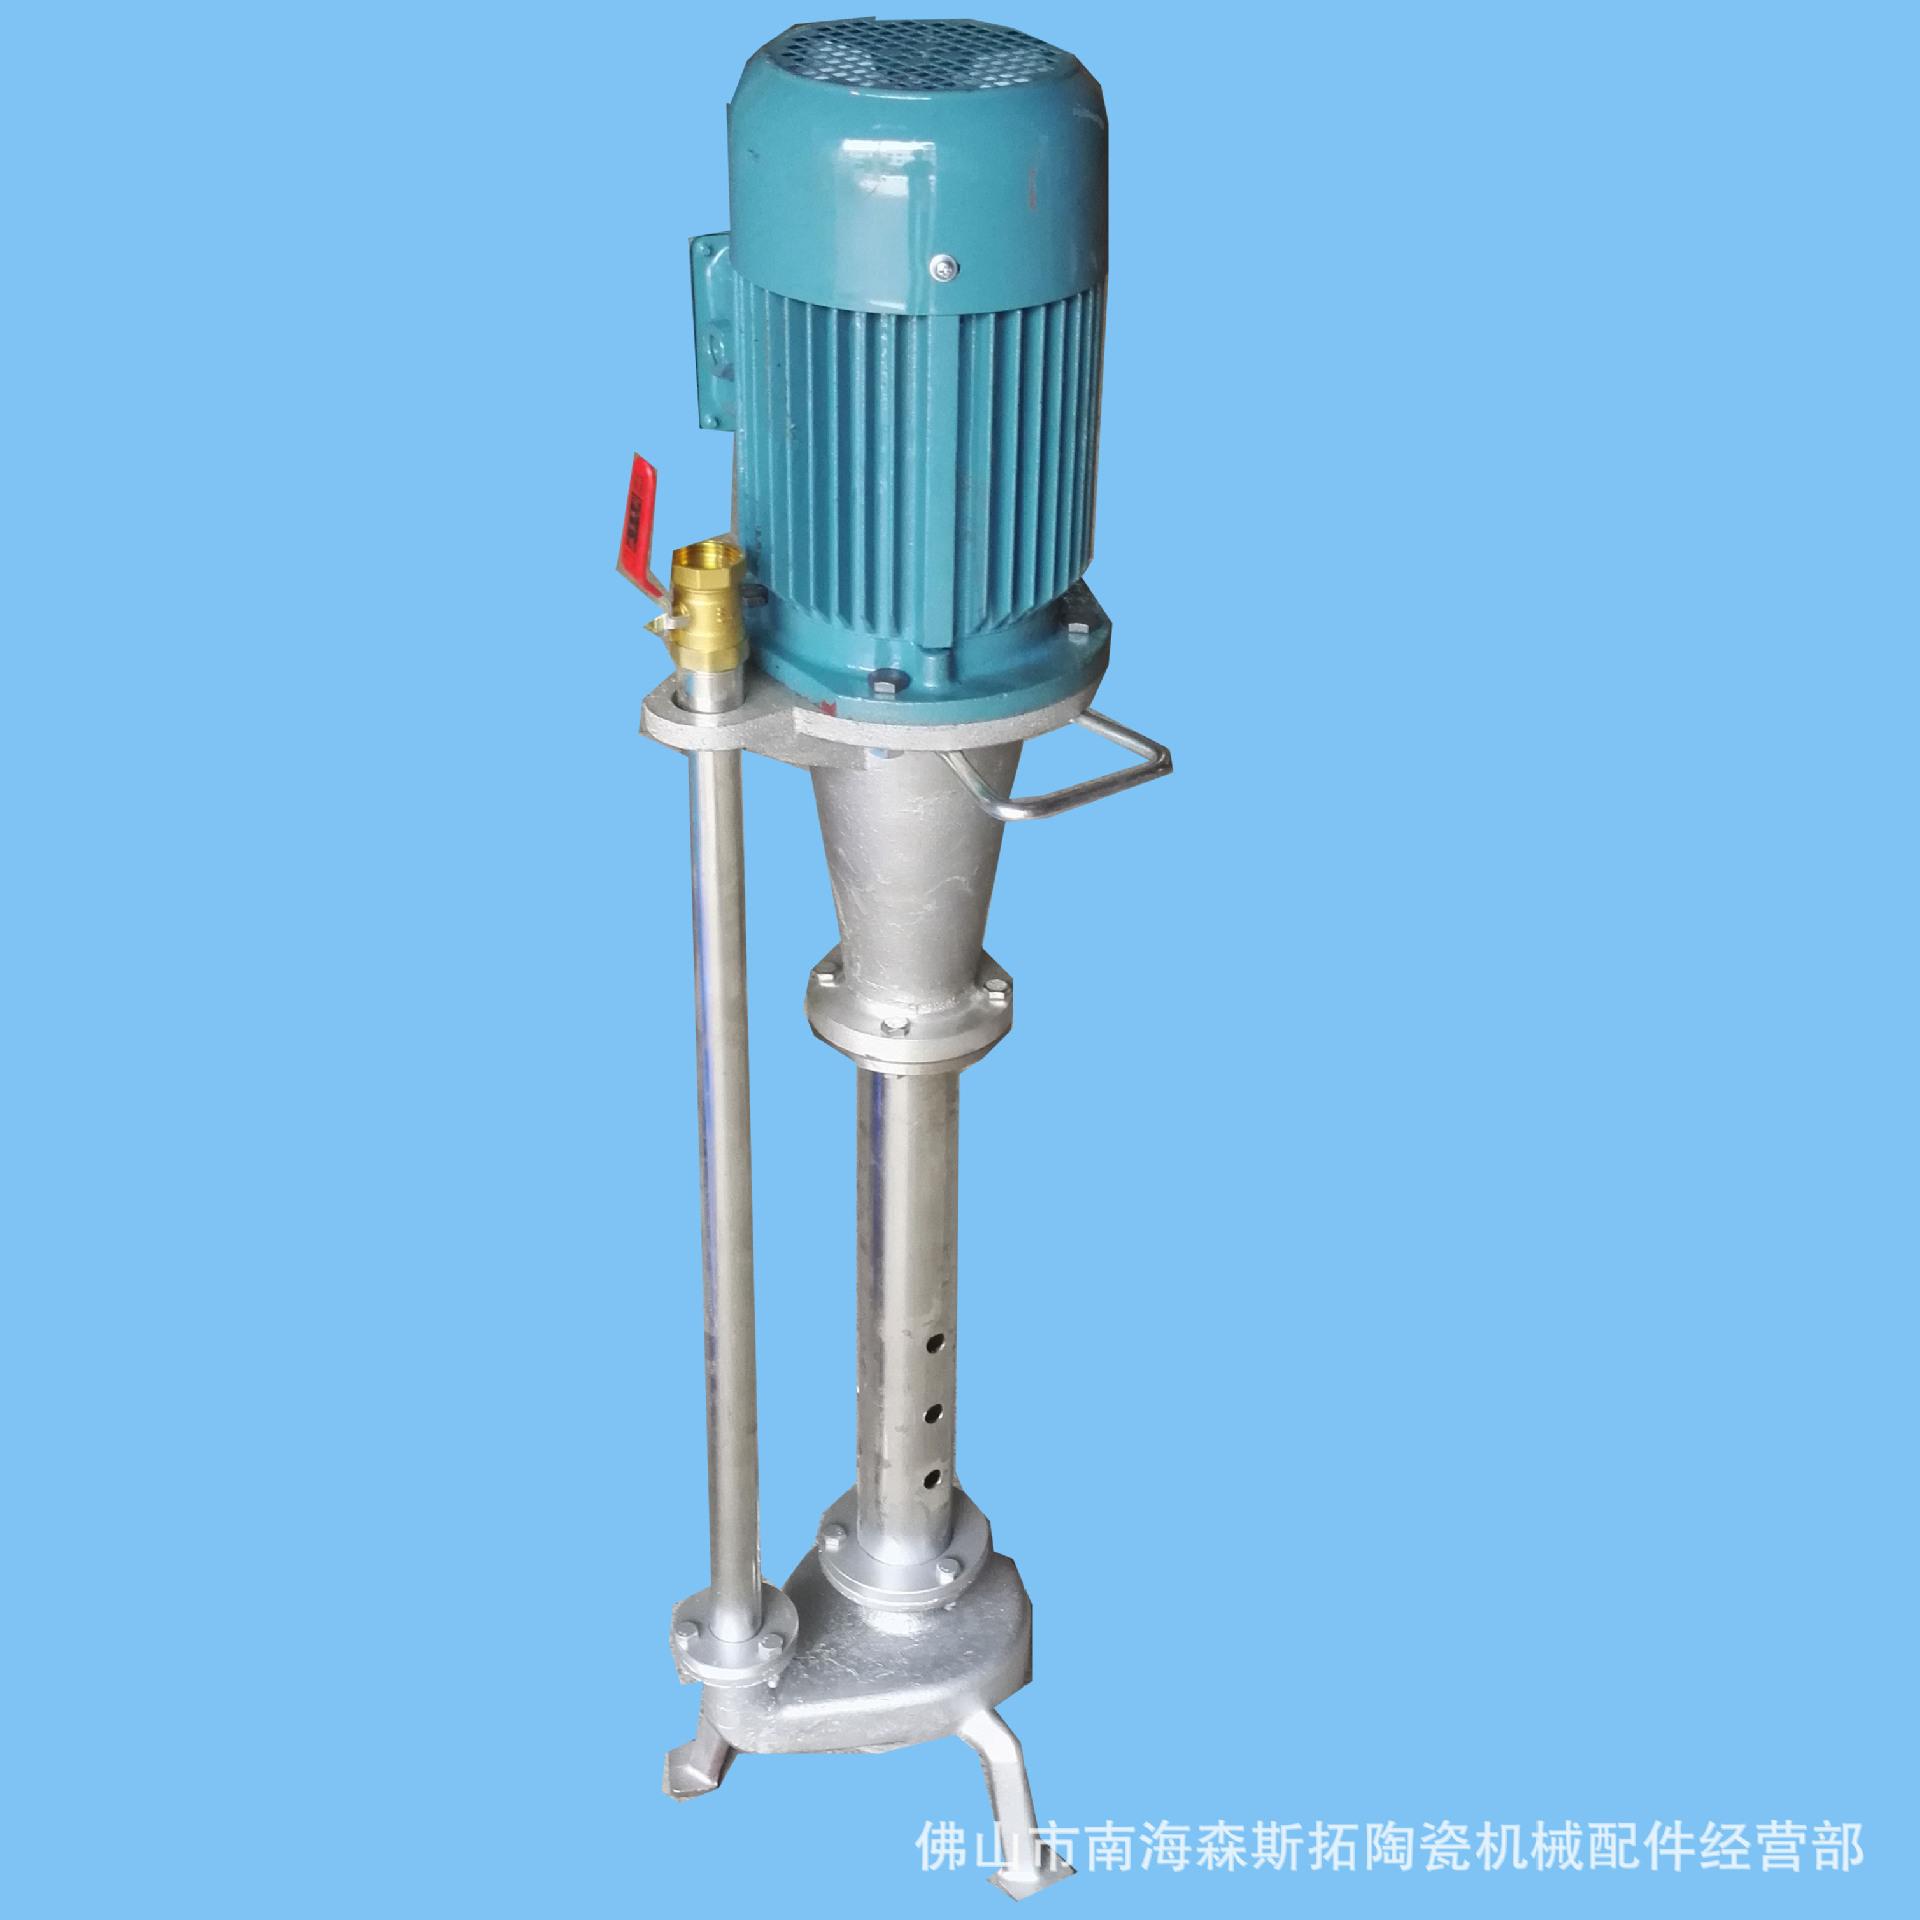 厂家专业生产优质陶瓷机械配件 生产线 SCT 抽釉料